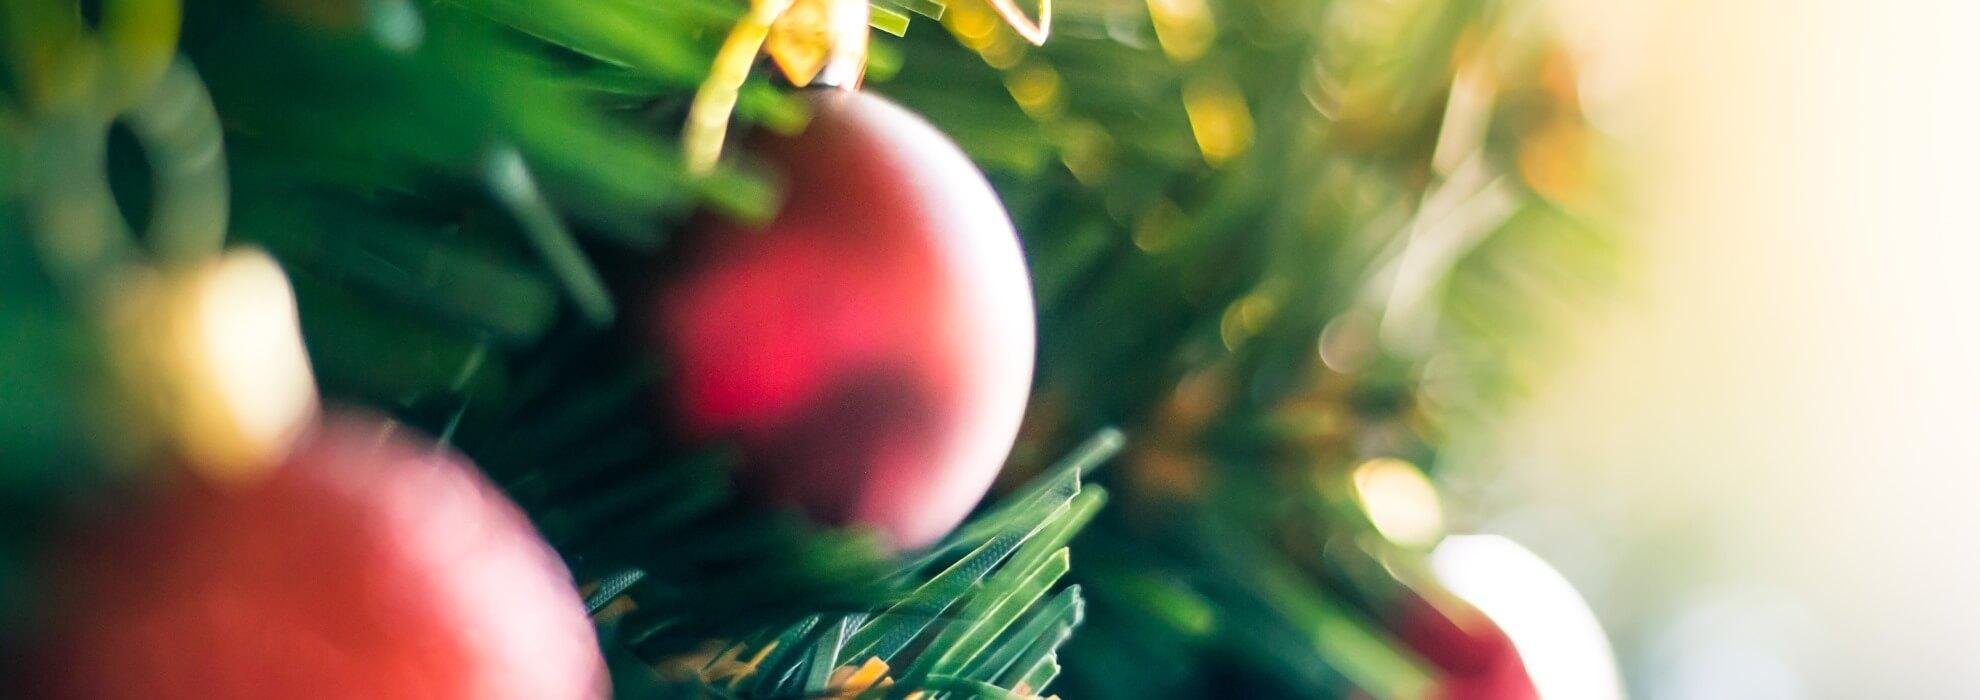 16-11-21 Help December komt eraan AnkeTragter